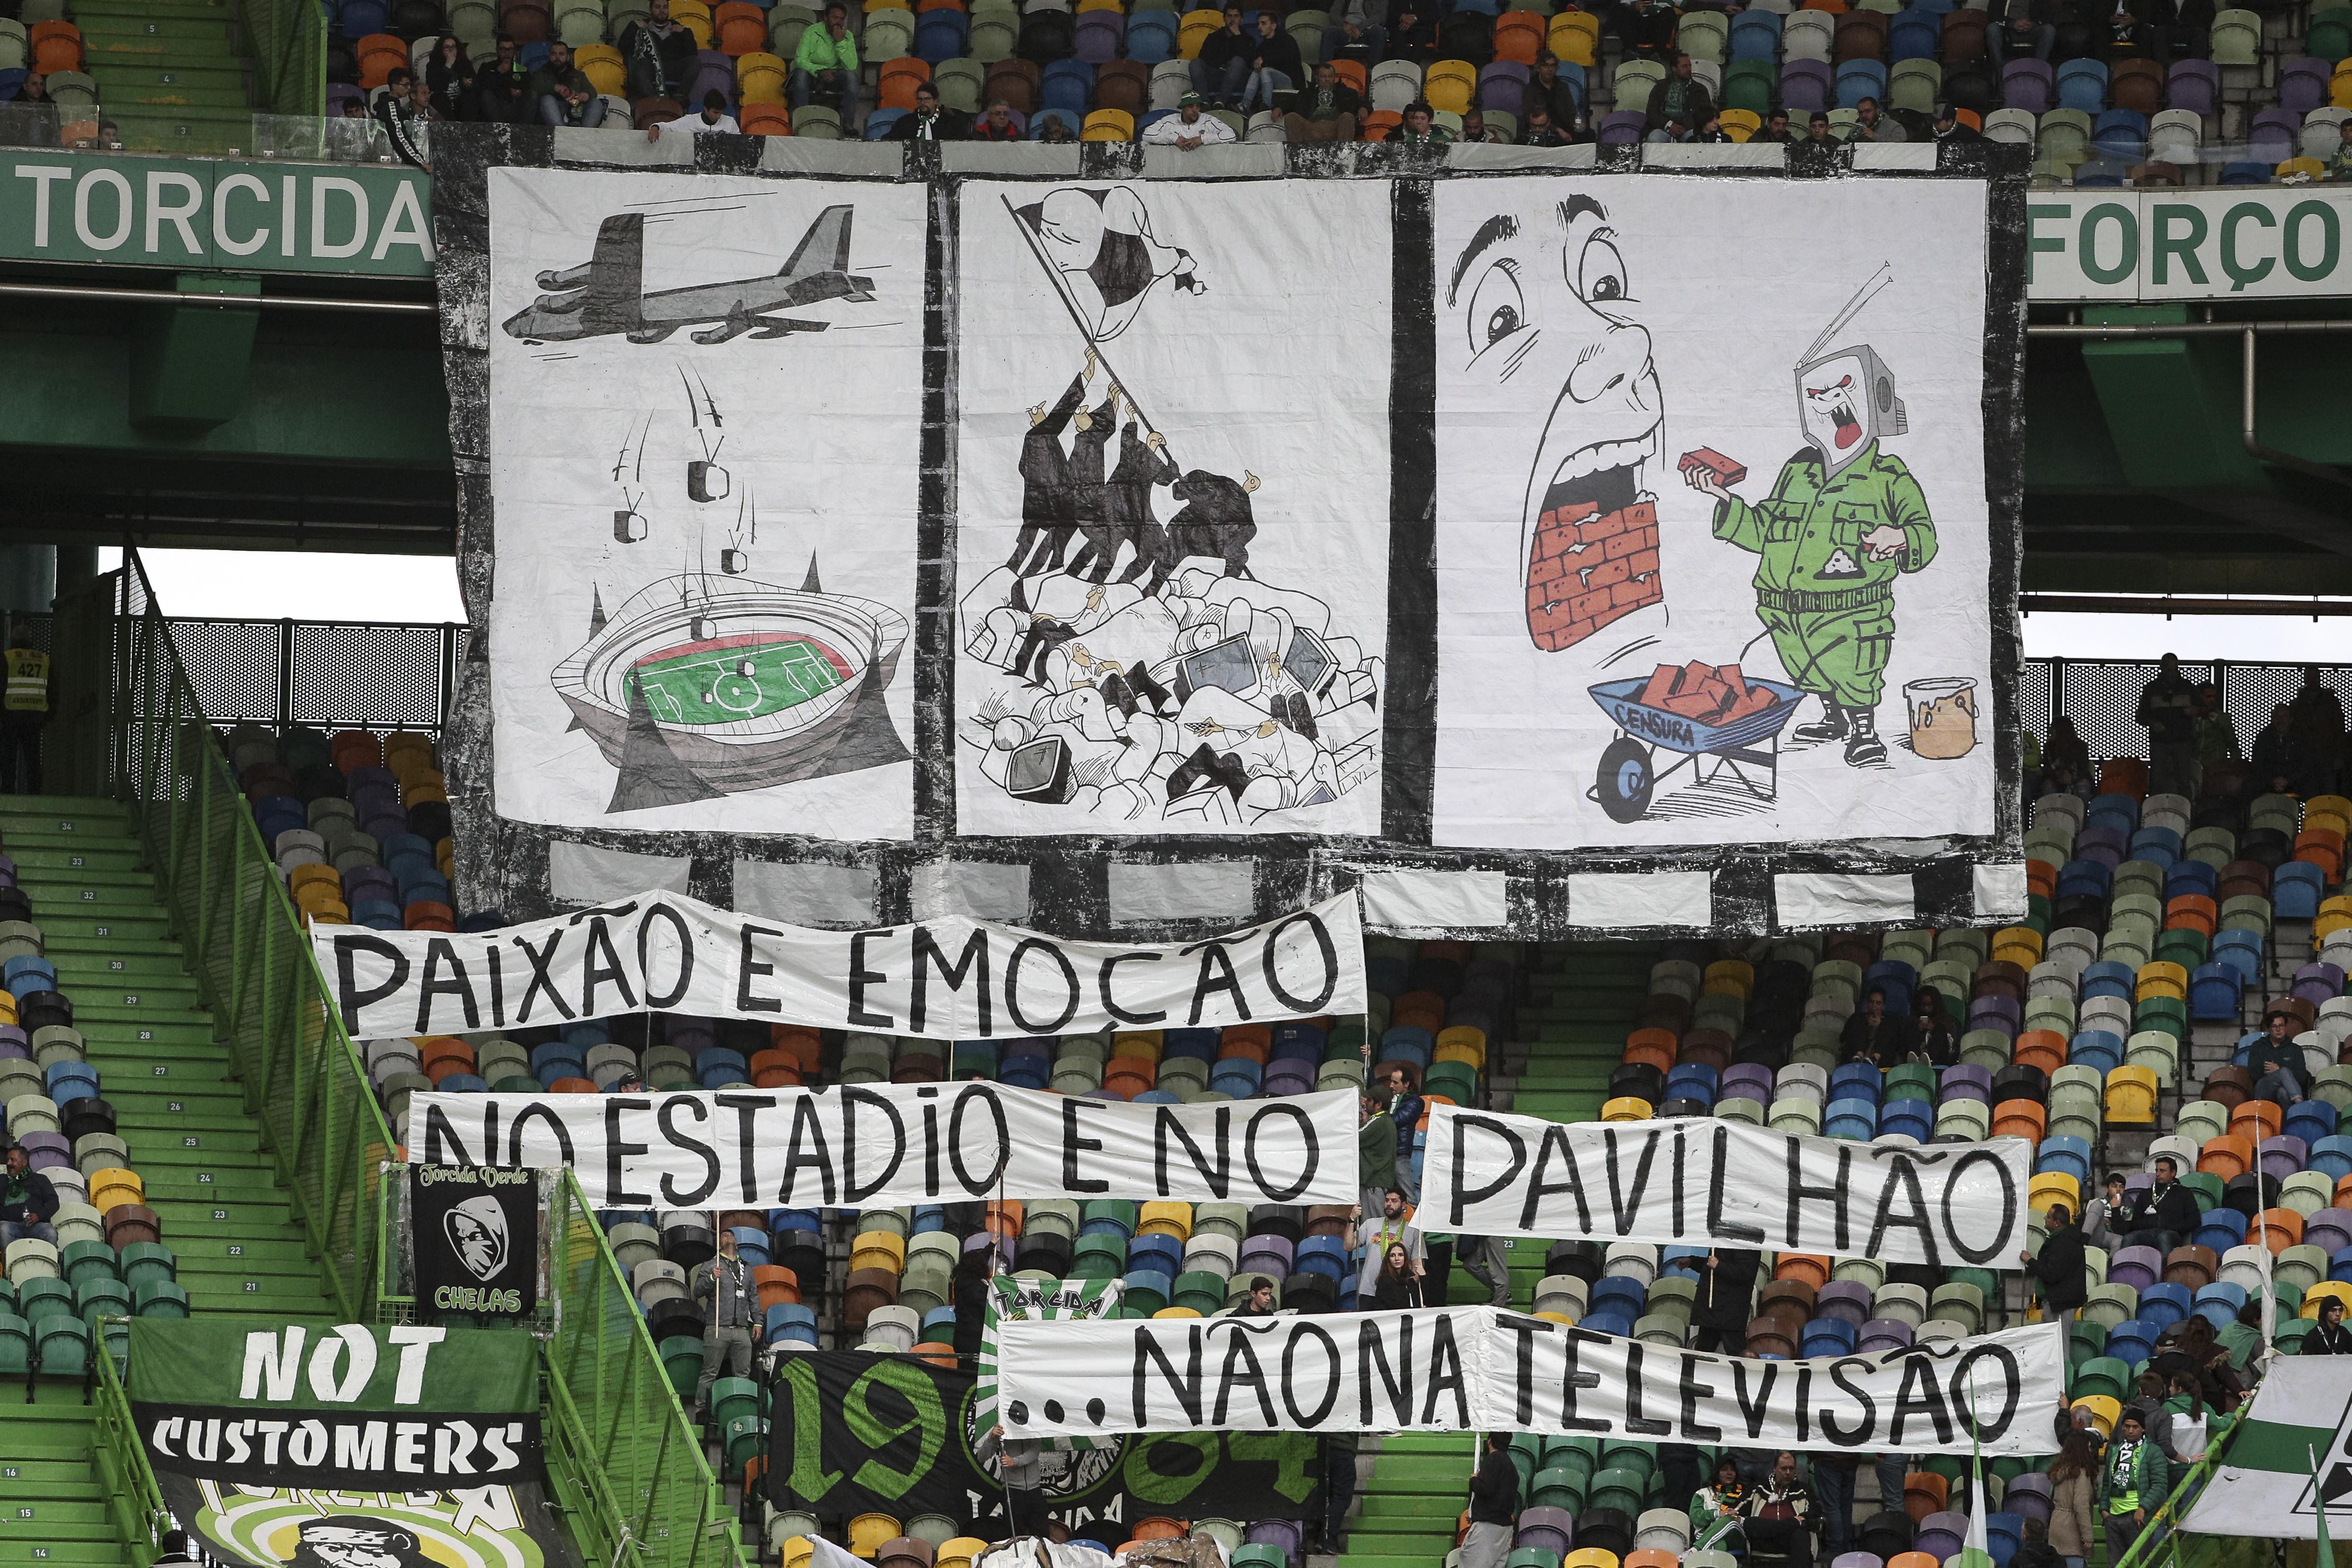 Claque do Sporting deixa recado nas bancadas